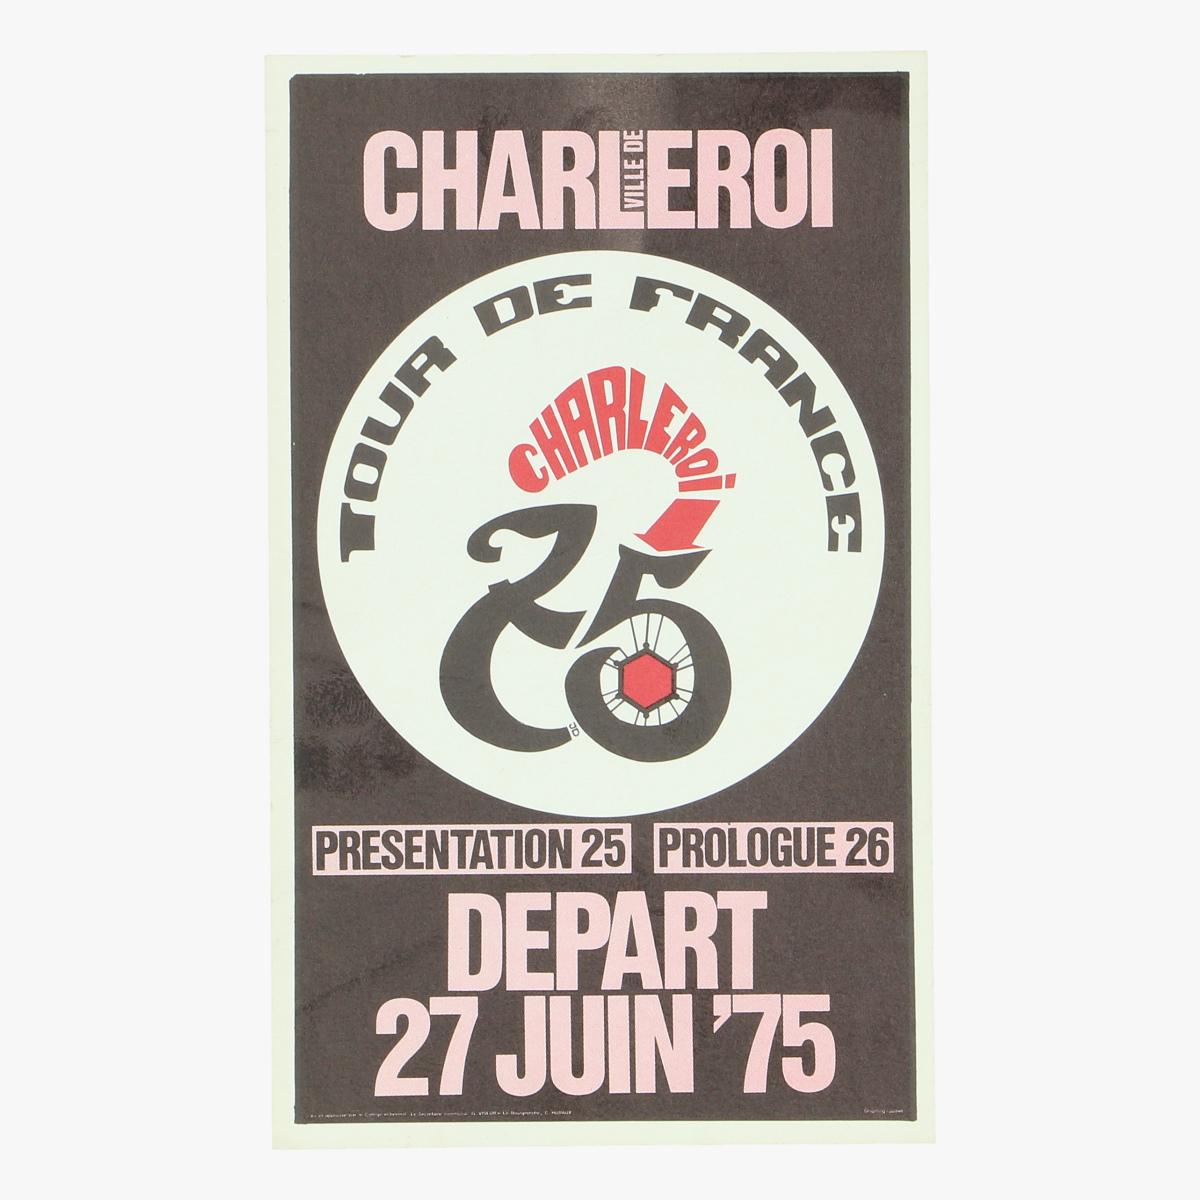 Afbeeldingen van flyer charleroi tour de france 27 juni '75